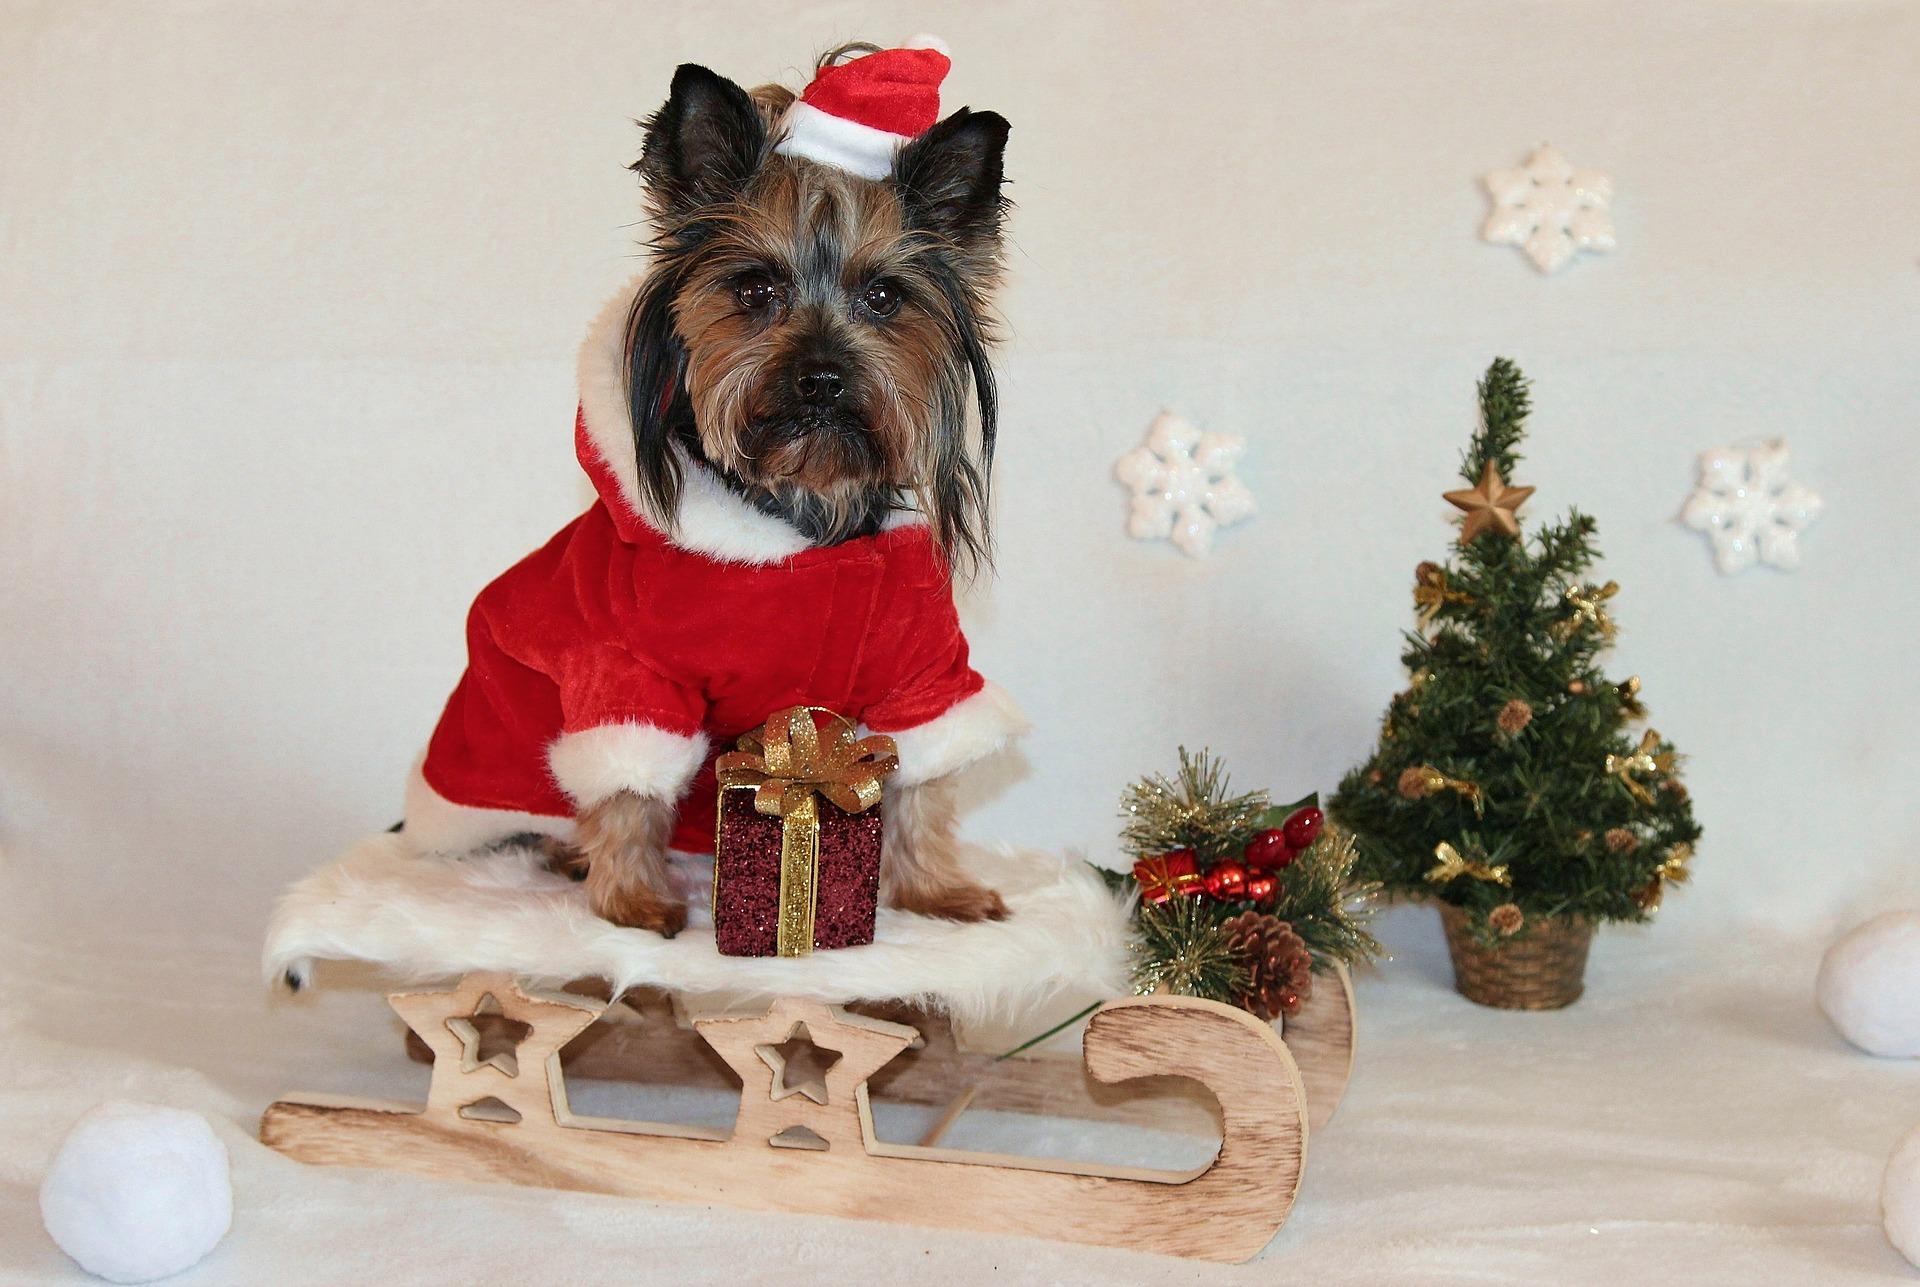 Car test drive: We drove Santa's sleigh